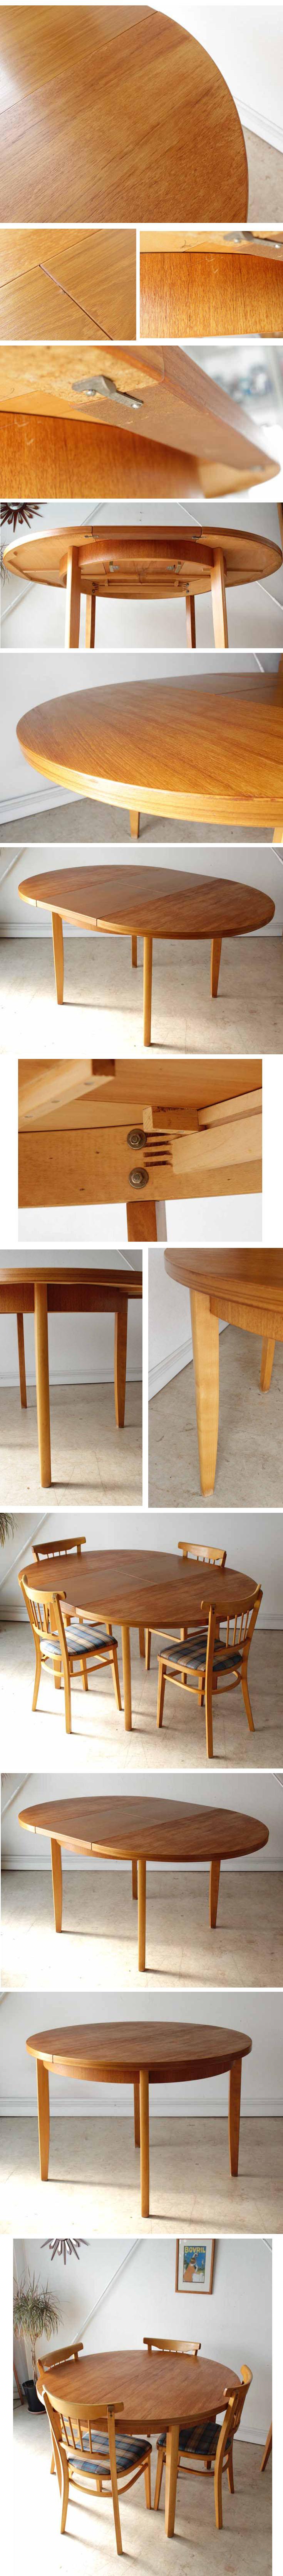 イギリス・ダイニングテーブル・エクステンション・チーク・伸張式・ビンテージ・アンティーク・円卓